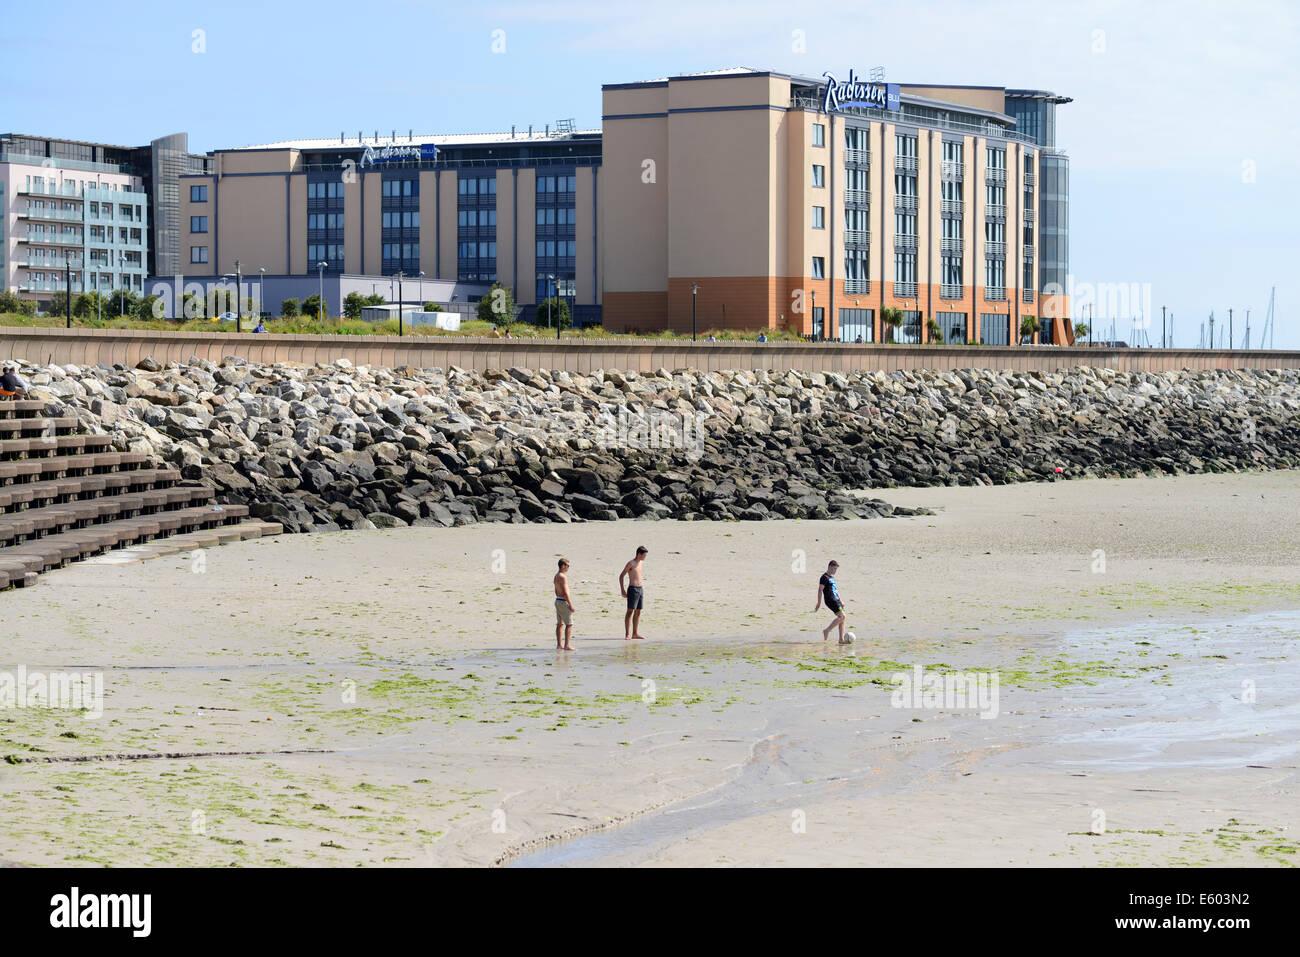 Radisson Blu Hotel sul litorale a St Helier, Jersey, Isole del Canale, GB Immagini Stock